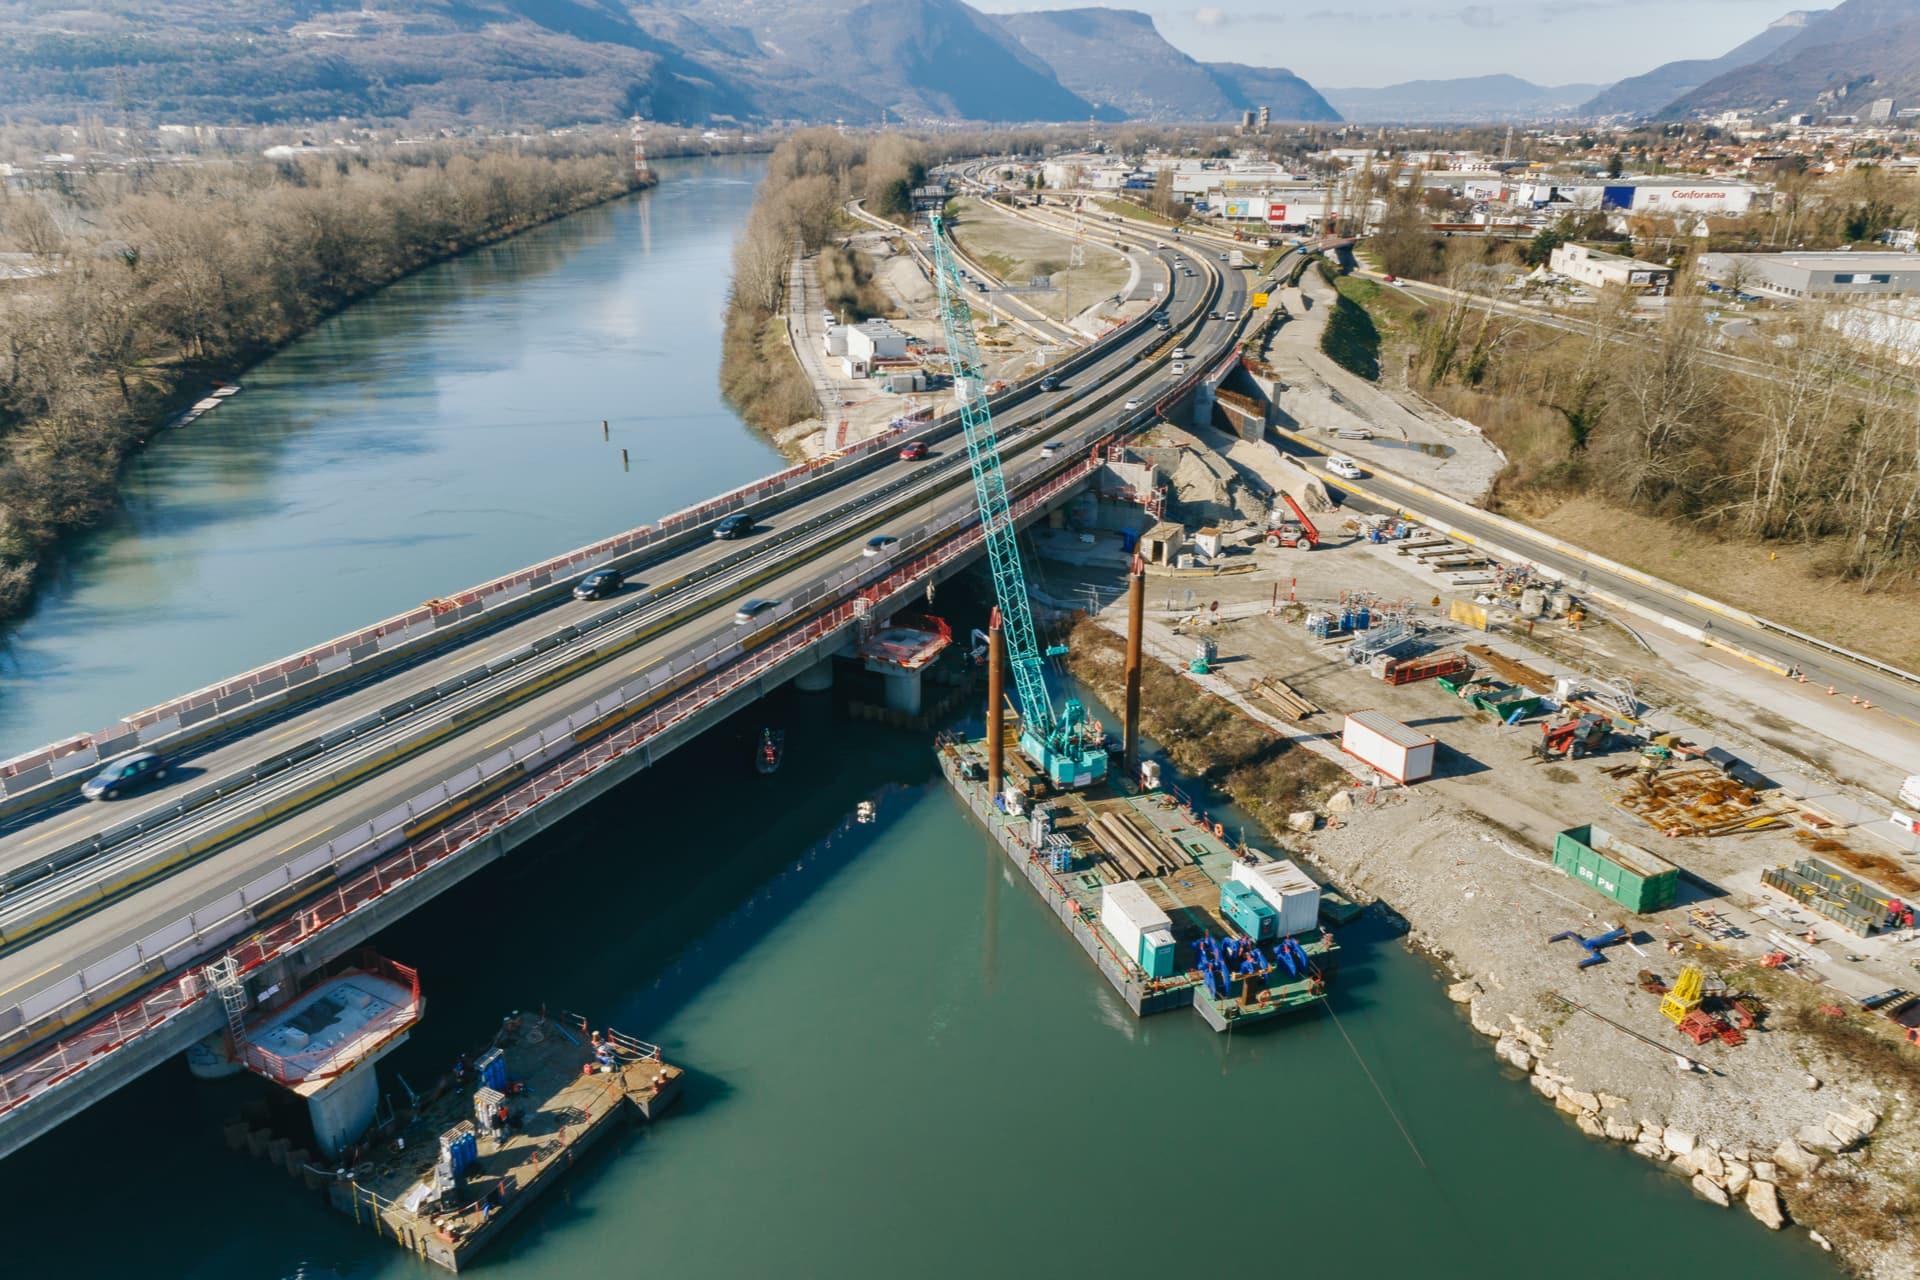 nouvelles structures en cours de construction de part et d'autre du tablier sur le viaduc de l'Isère